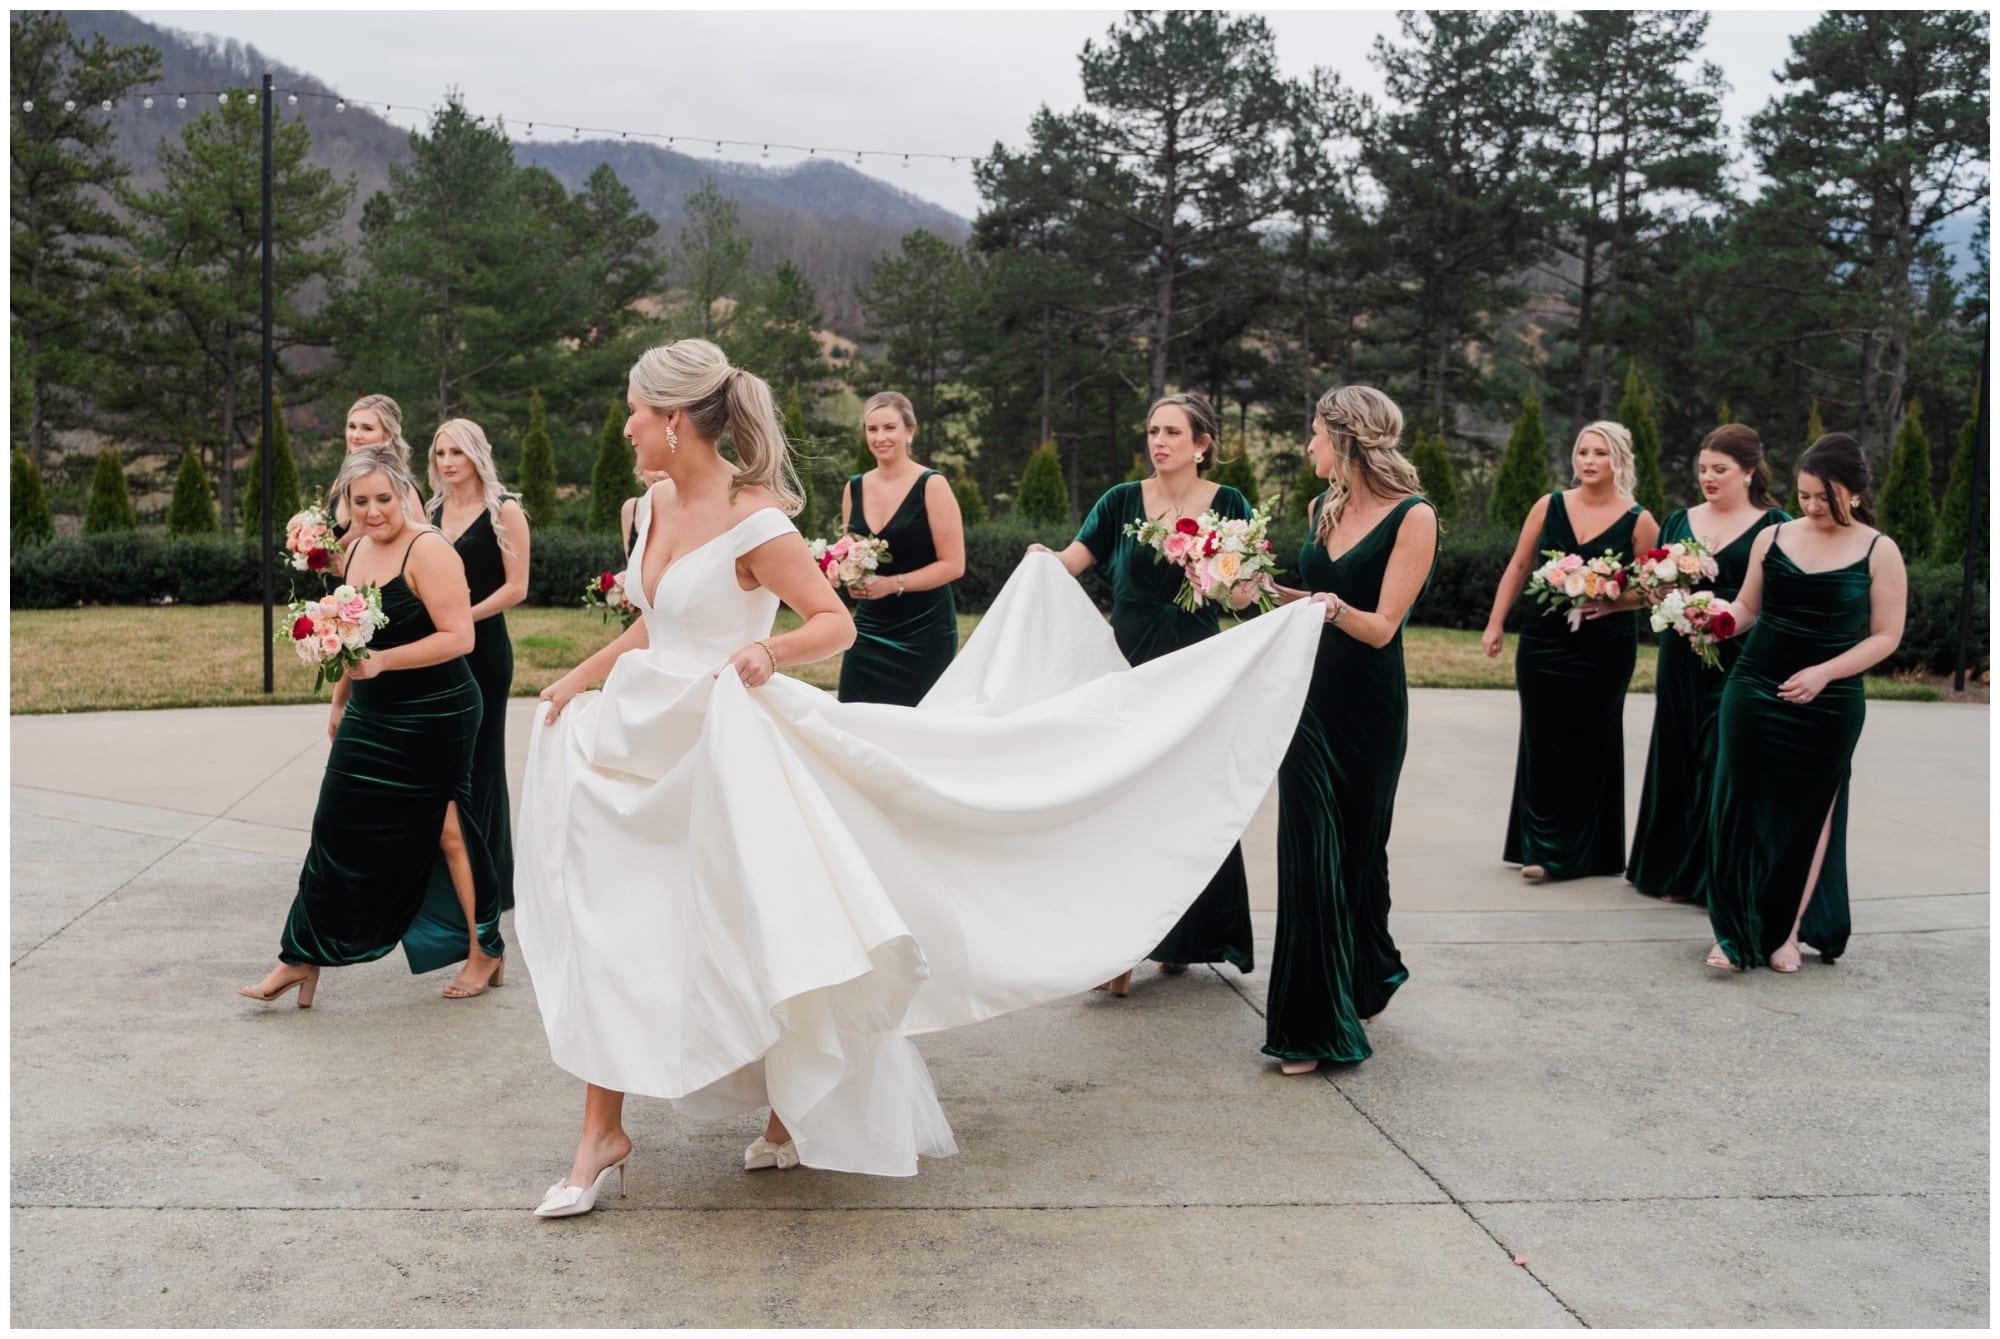 Bridesmaids carrying brides train at wedding